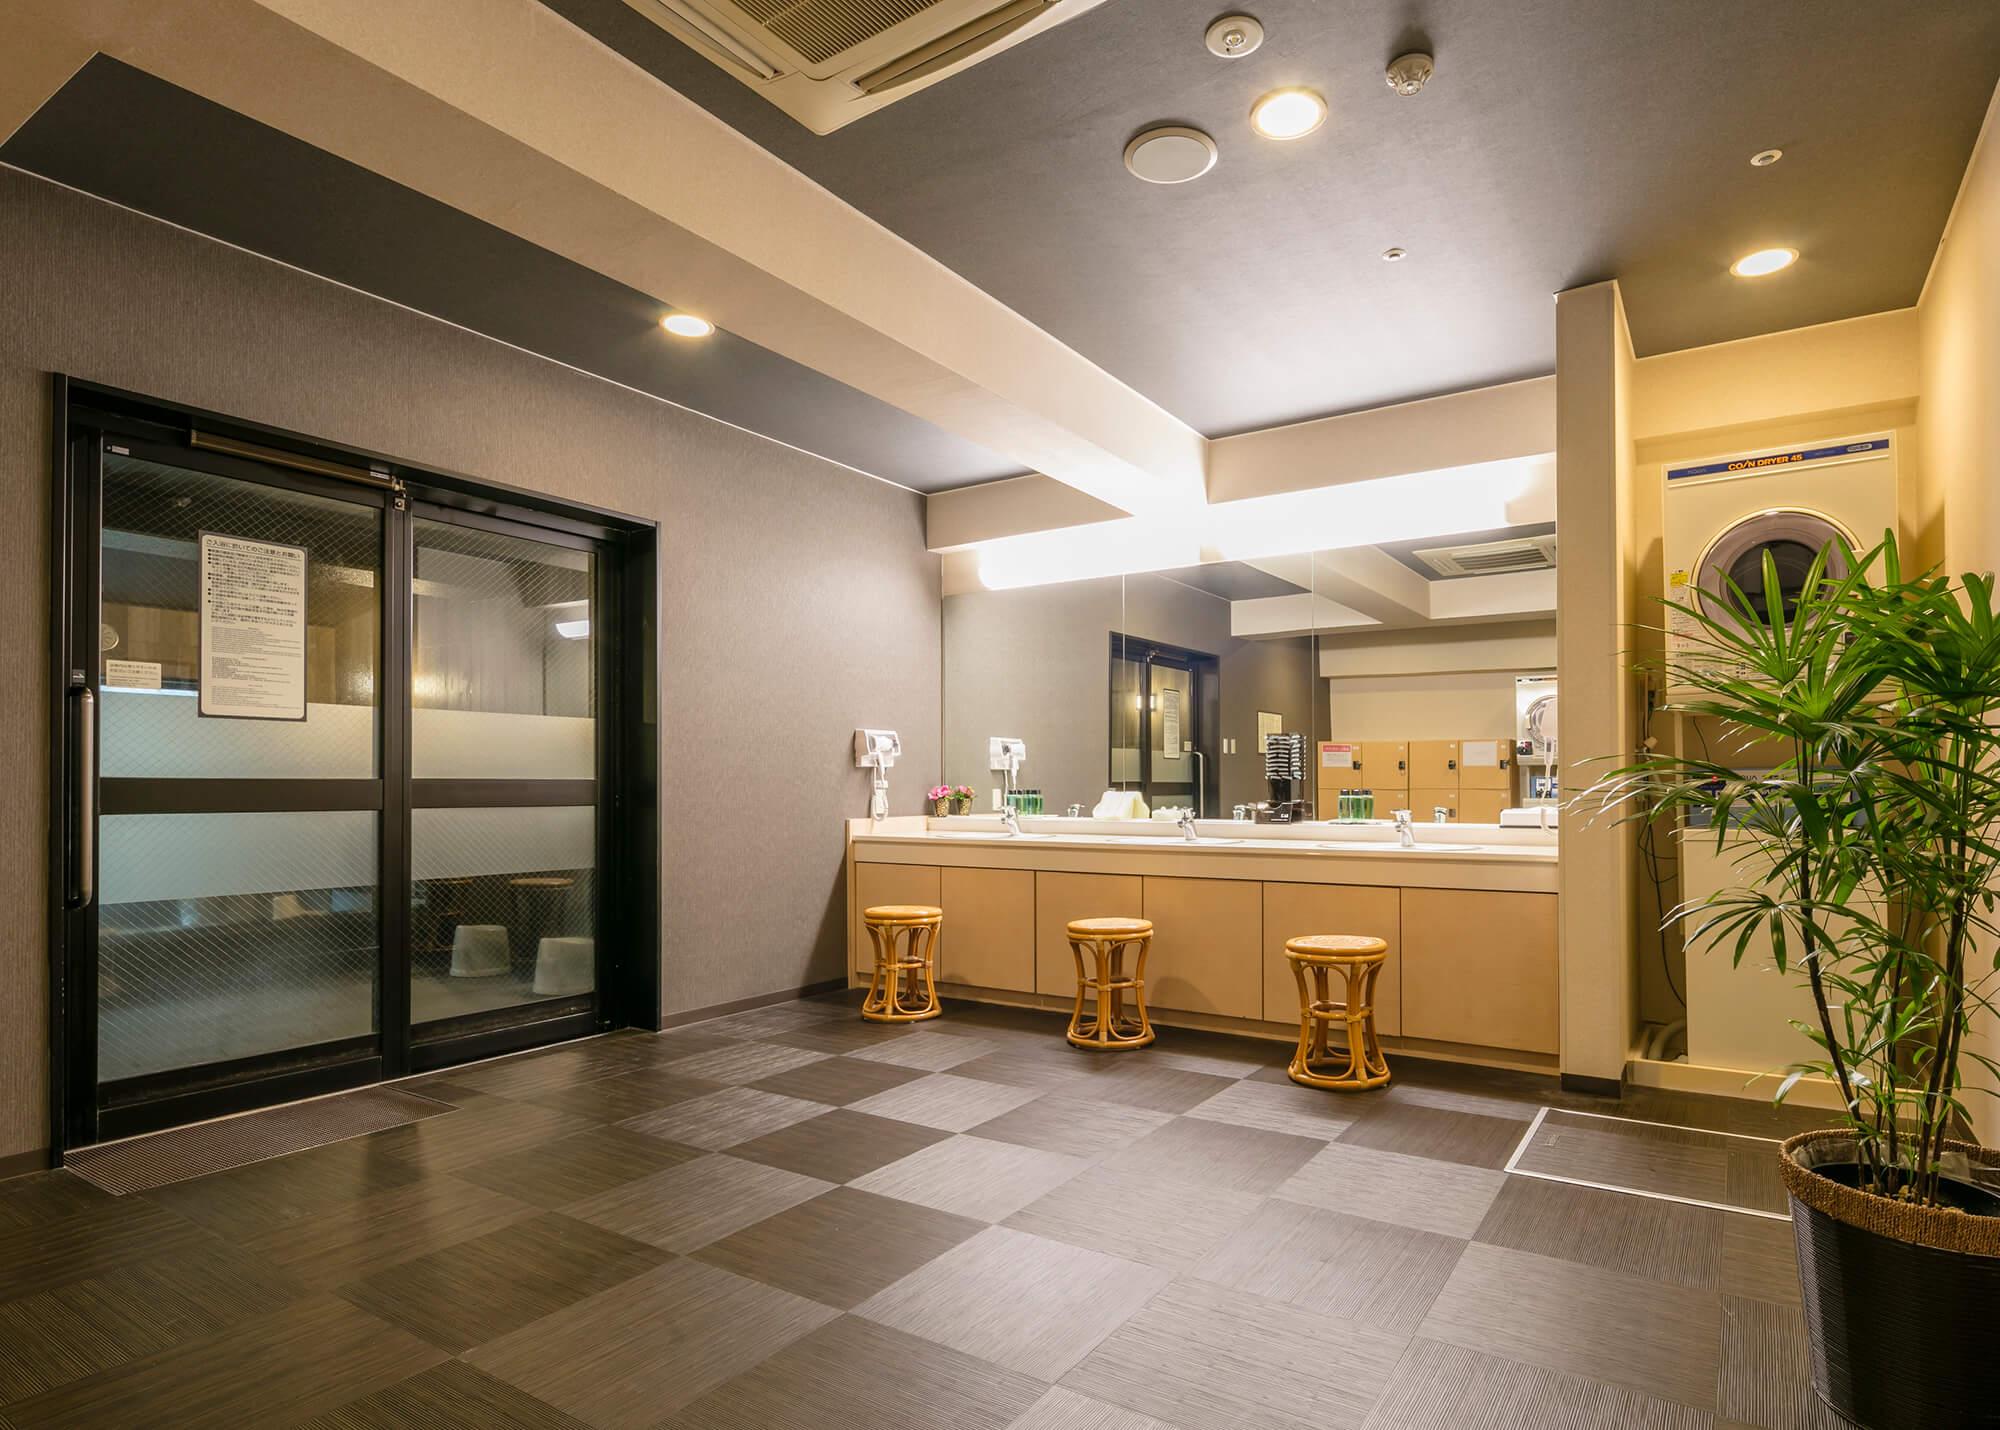 ホテルルートイン熊本駅前 / ツイン本館(禁煙)